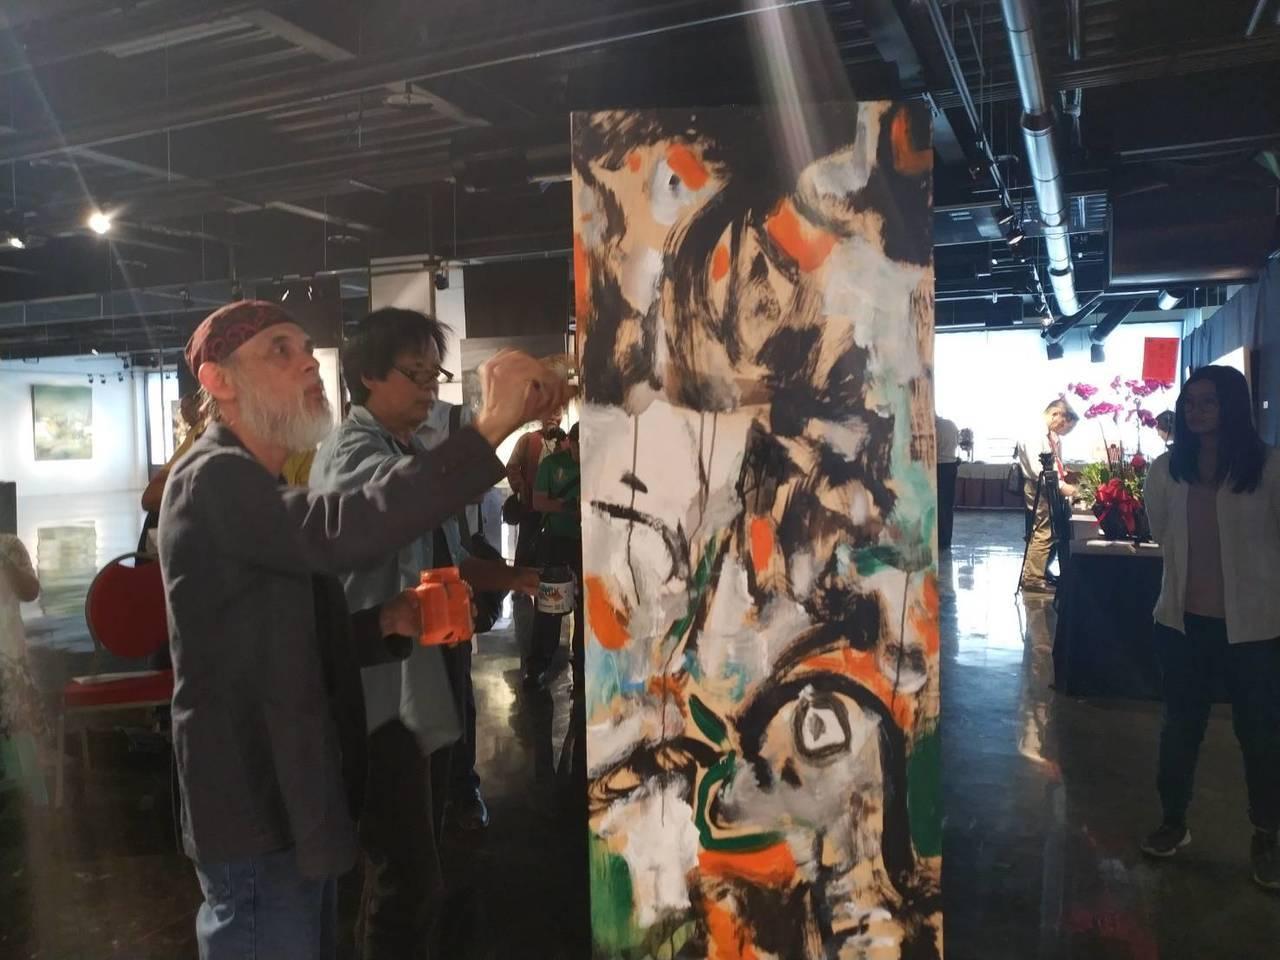 新加坡油畫大師黃意會、台灣藝術家鄧志浩現場彩繪。記者喻文玟/攝影